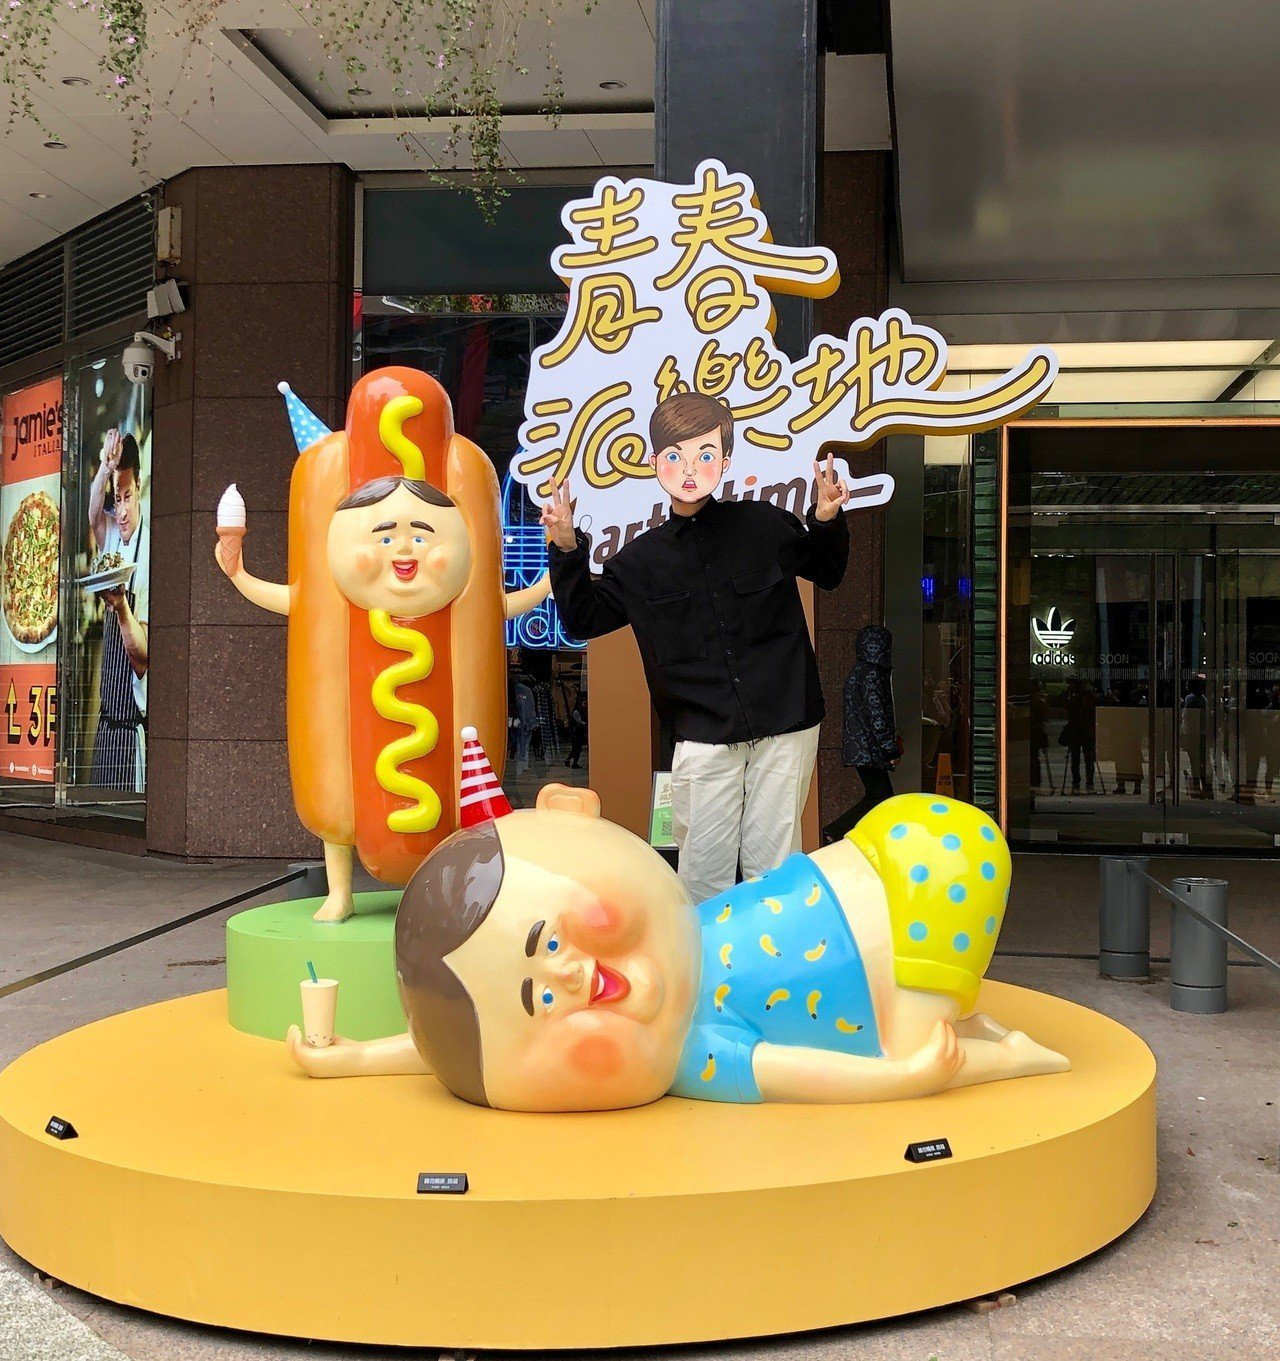 保羅先生作品「Chill波胖與Yummy波胖」(台北信義新天地A11)。圖/新光...